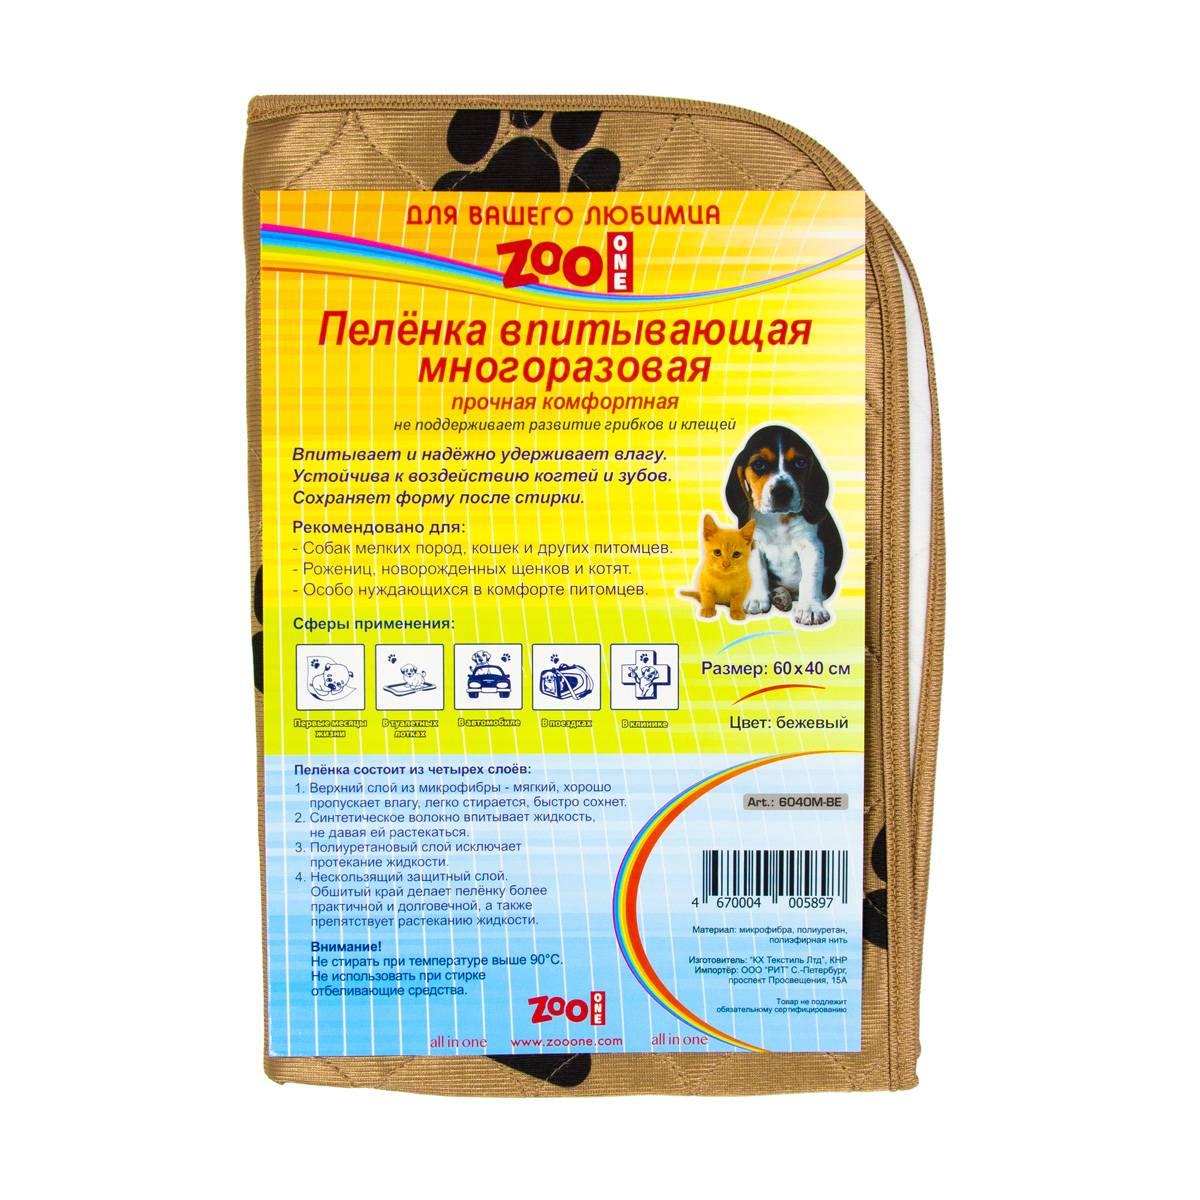 Описание одноразовых и многоразовых впитывающих пеленок для собак